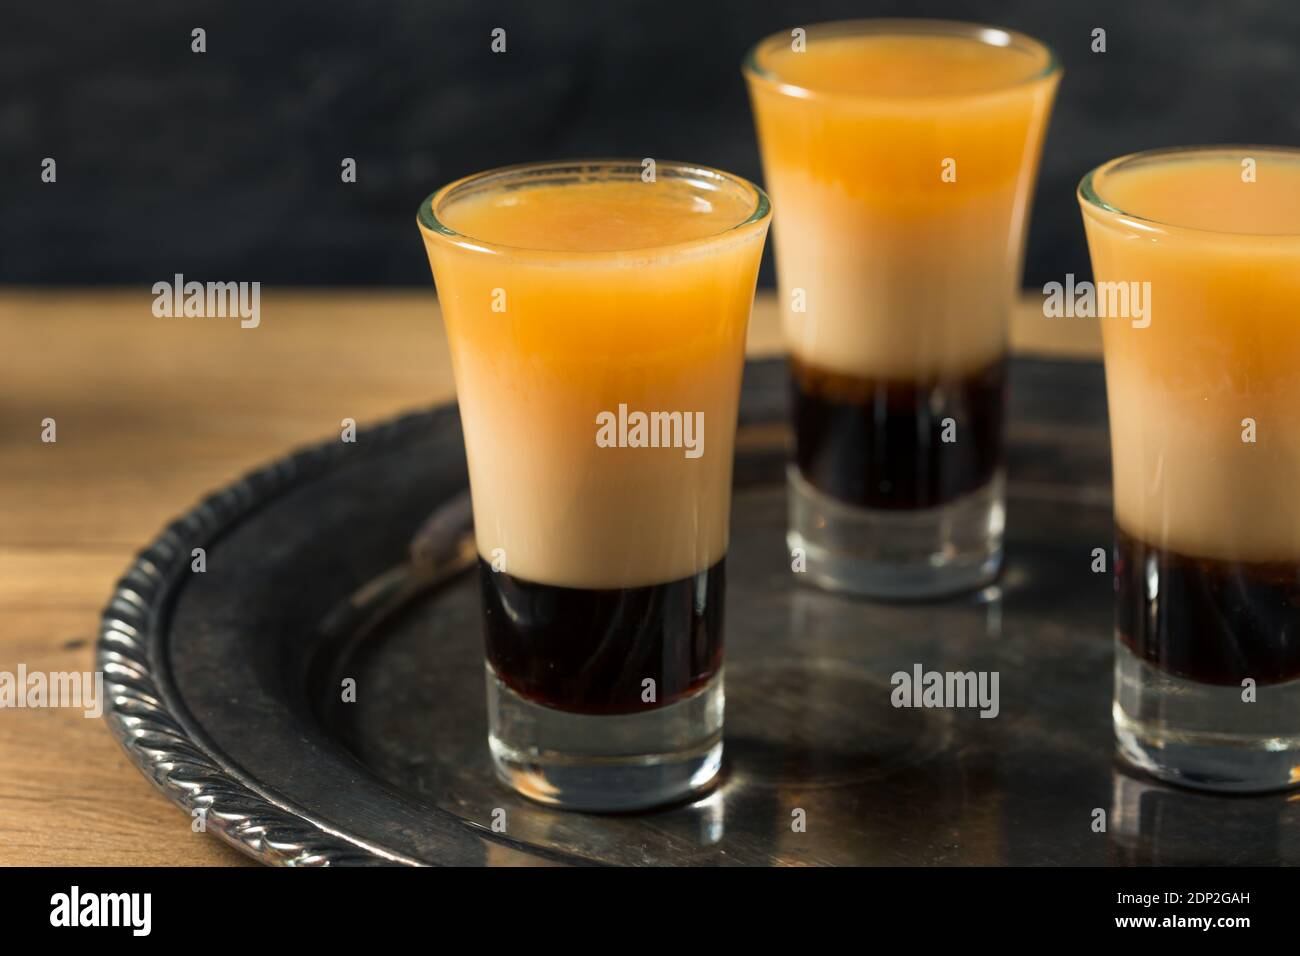 Mit Alkohol geschichtete B52 Shot Cocktail bereit zum Trinken Stockfoto